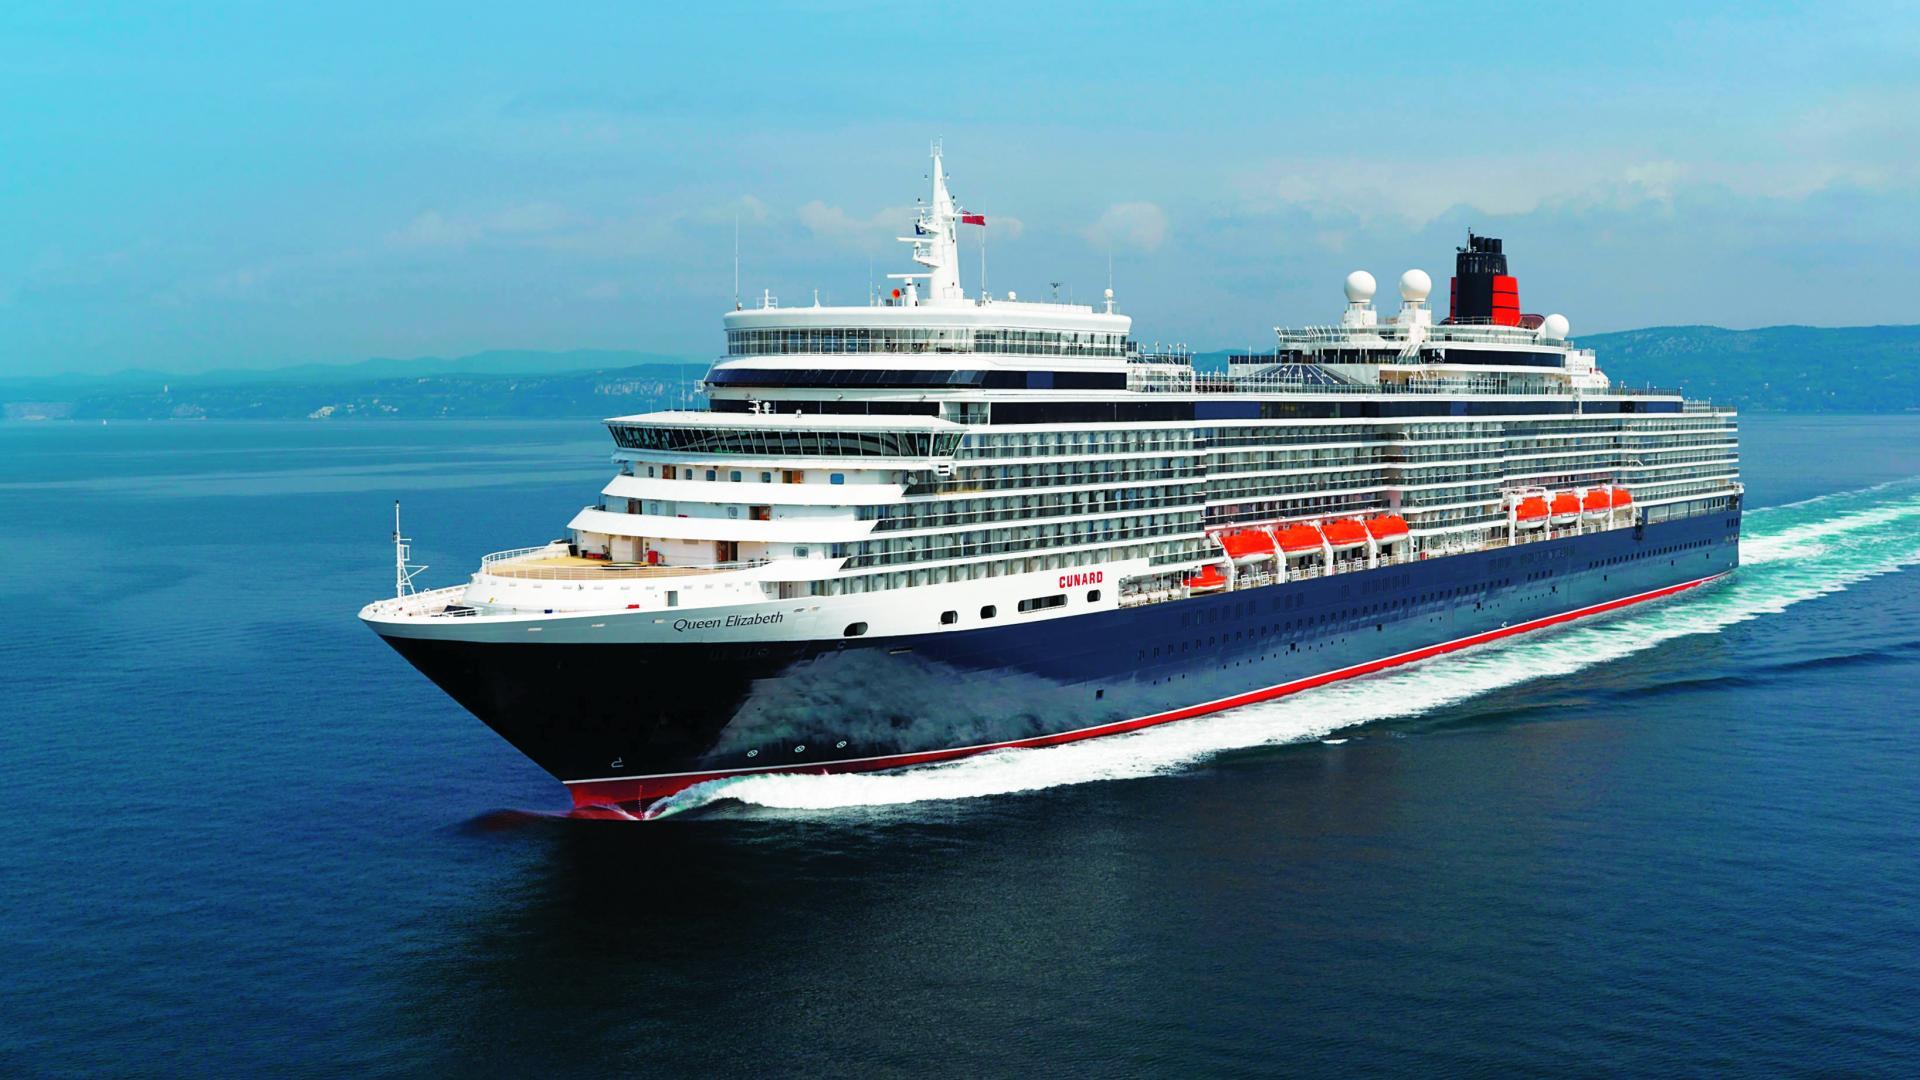 Cunard Line Luxuskreuzfahrt mit Queen Elizabeth